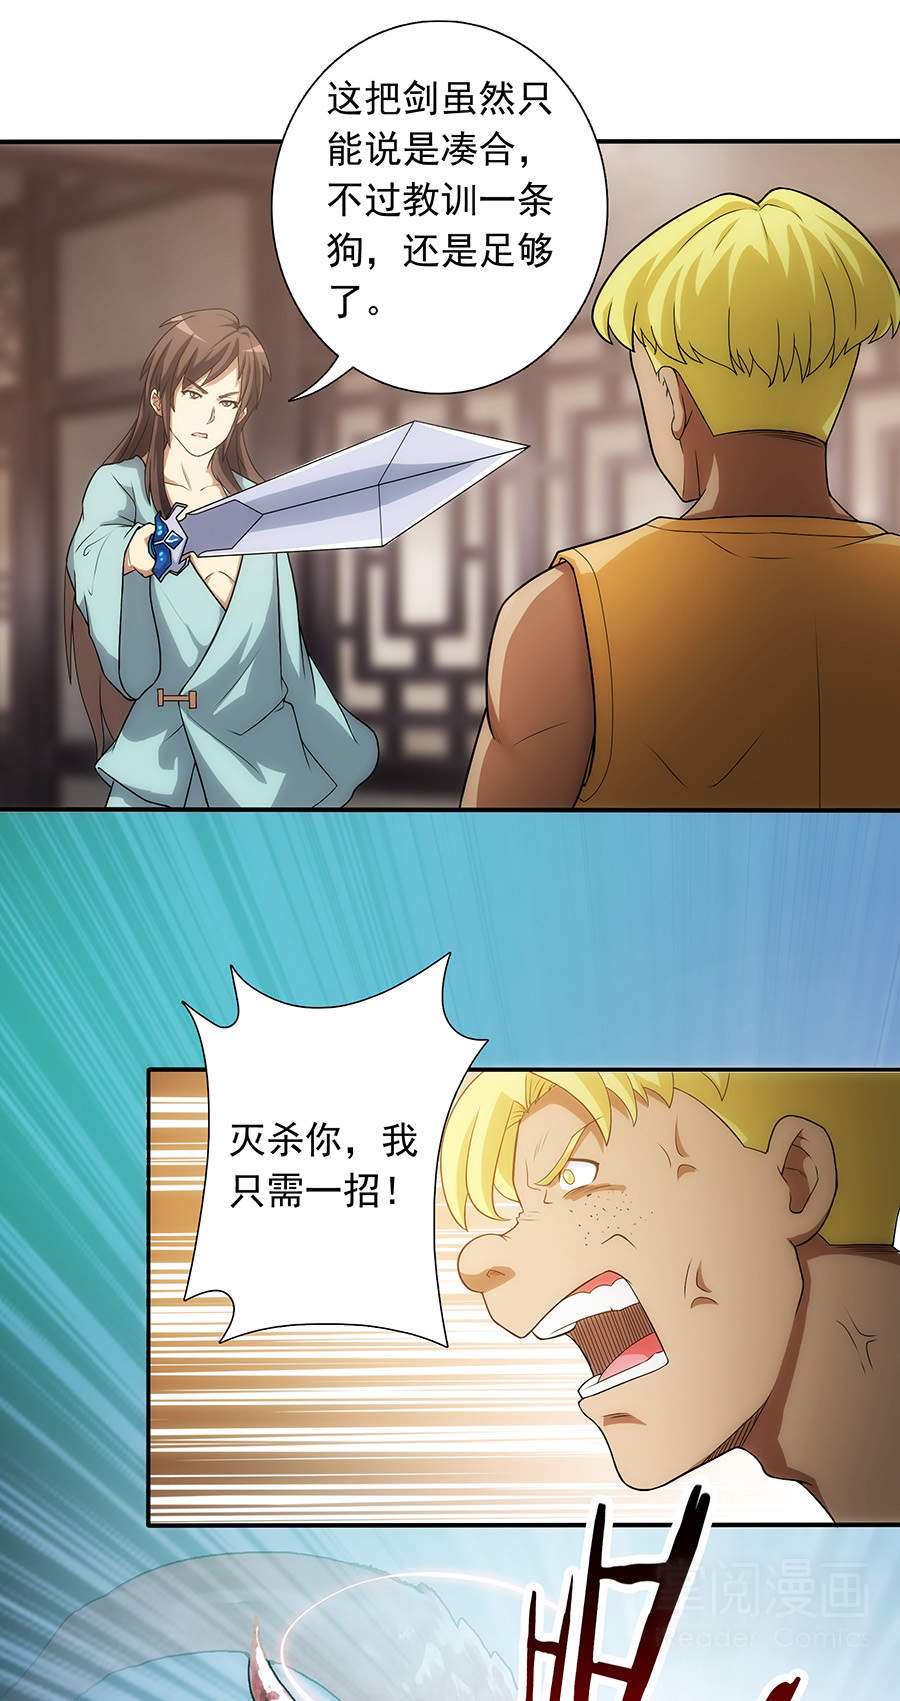 绝世剑神第3话  一剑在手 第 12